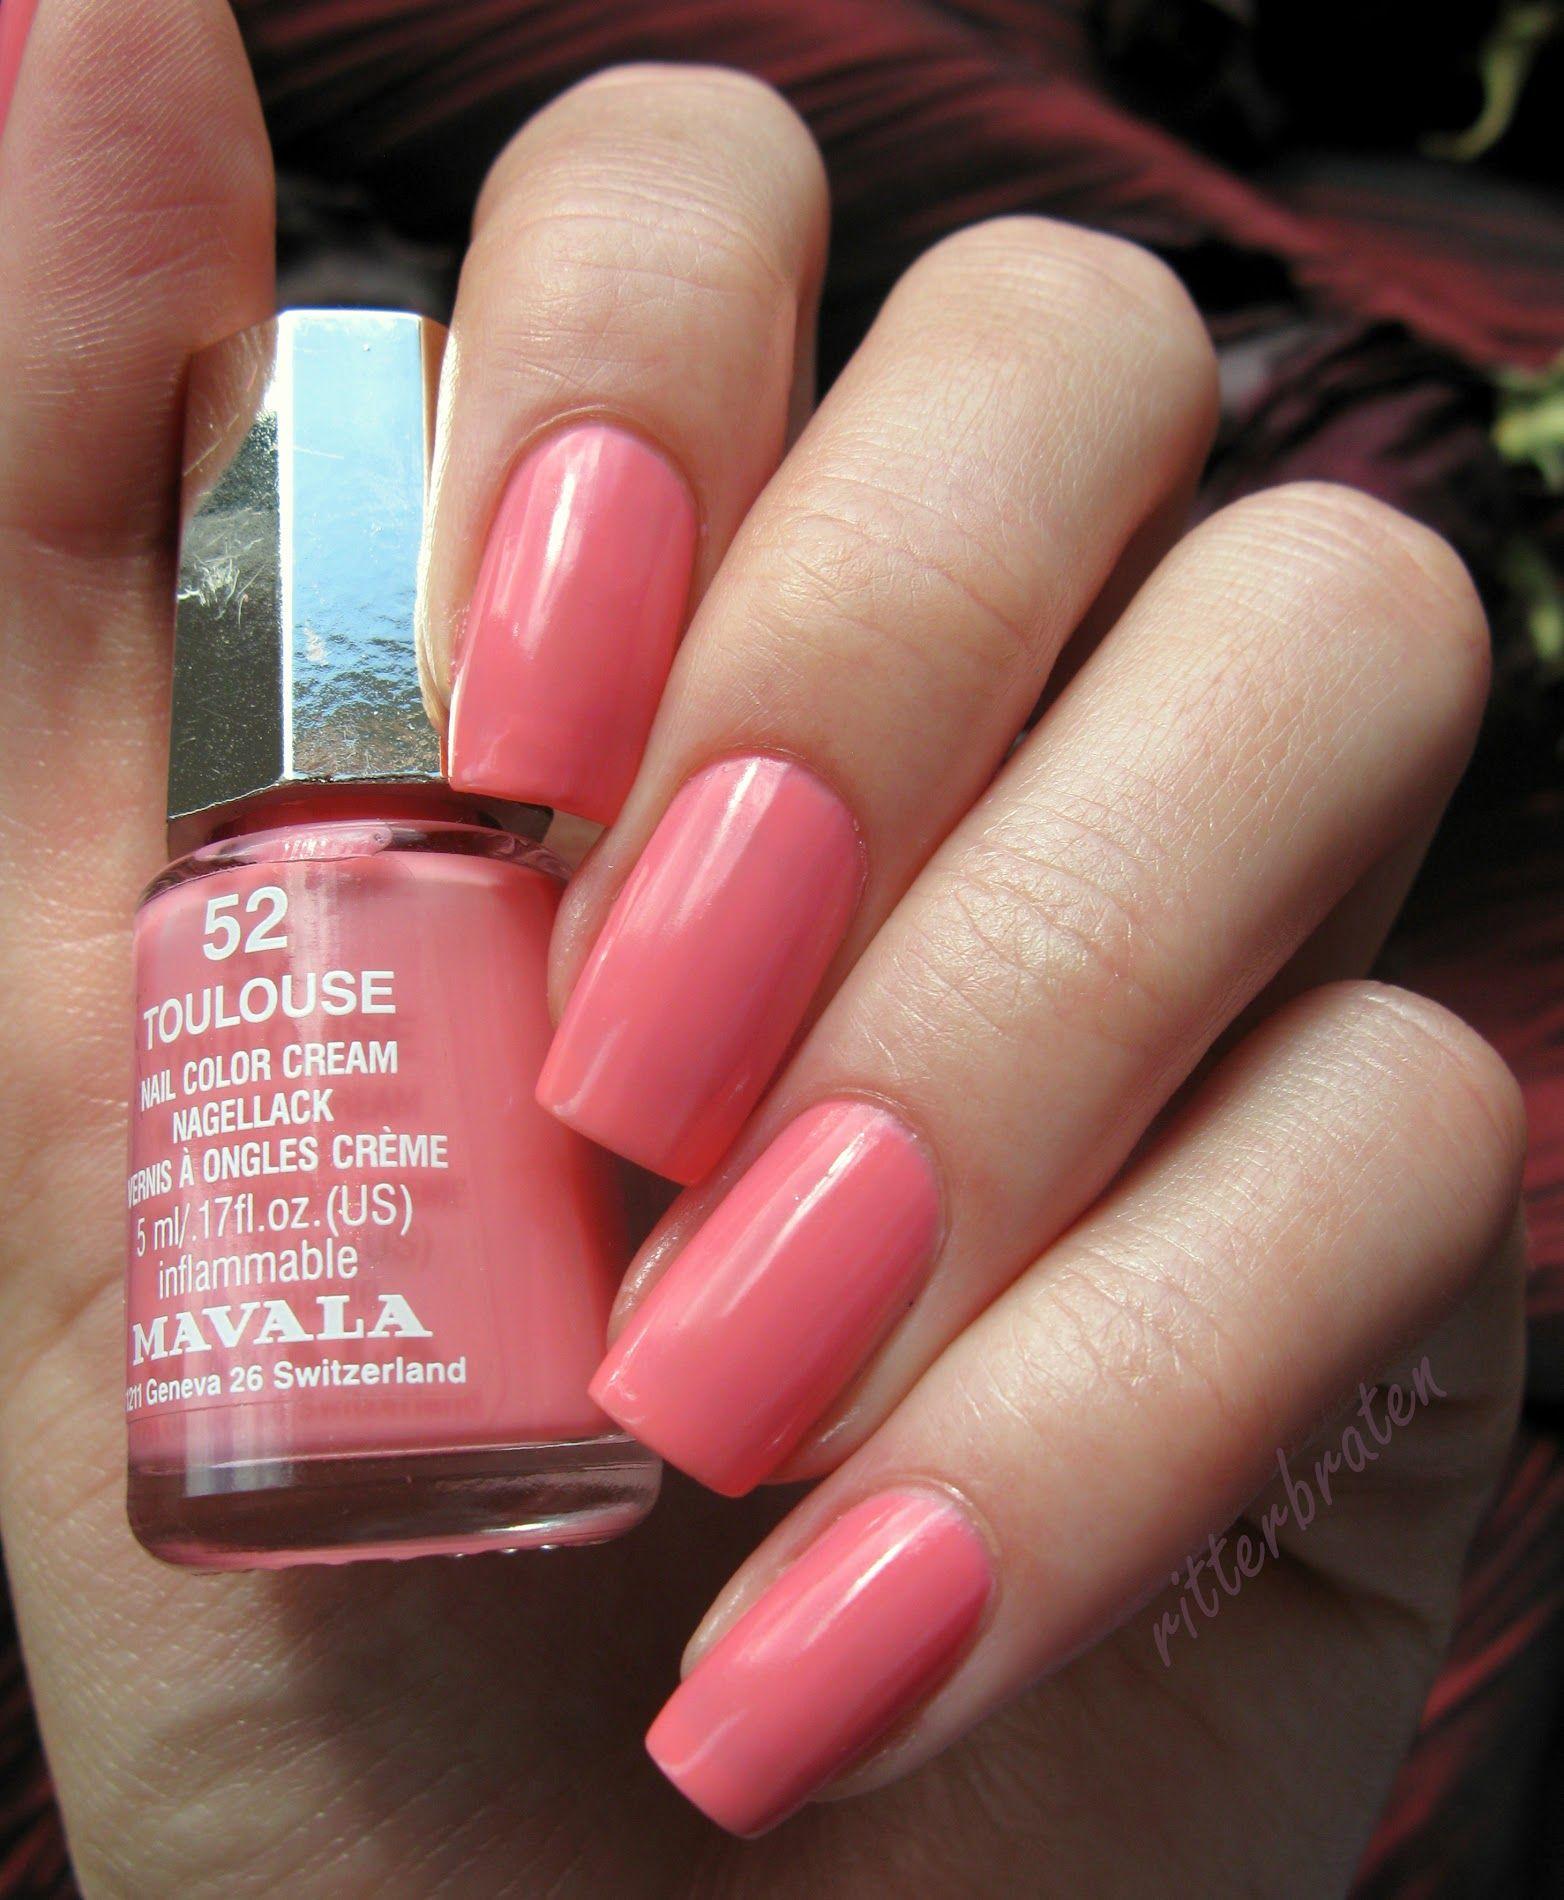 Toulouse Nail Polish Painted Toe Nails Mavala Nail Polish